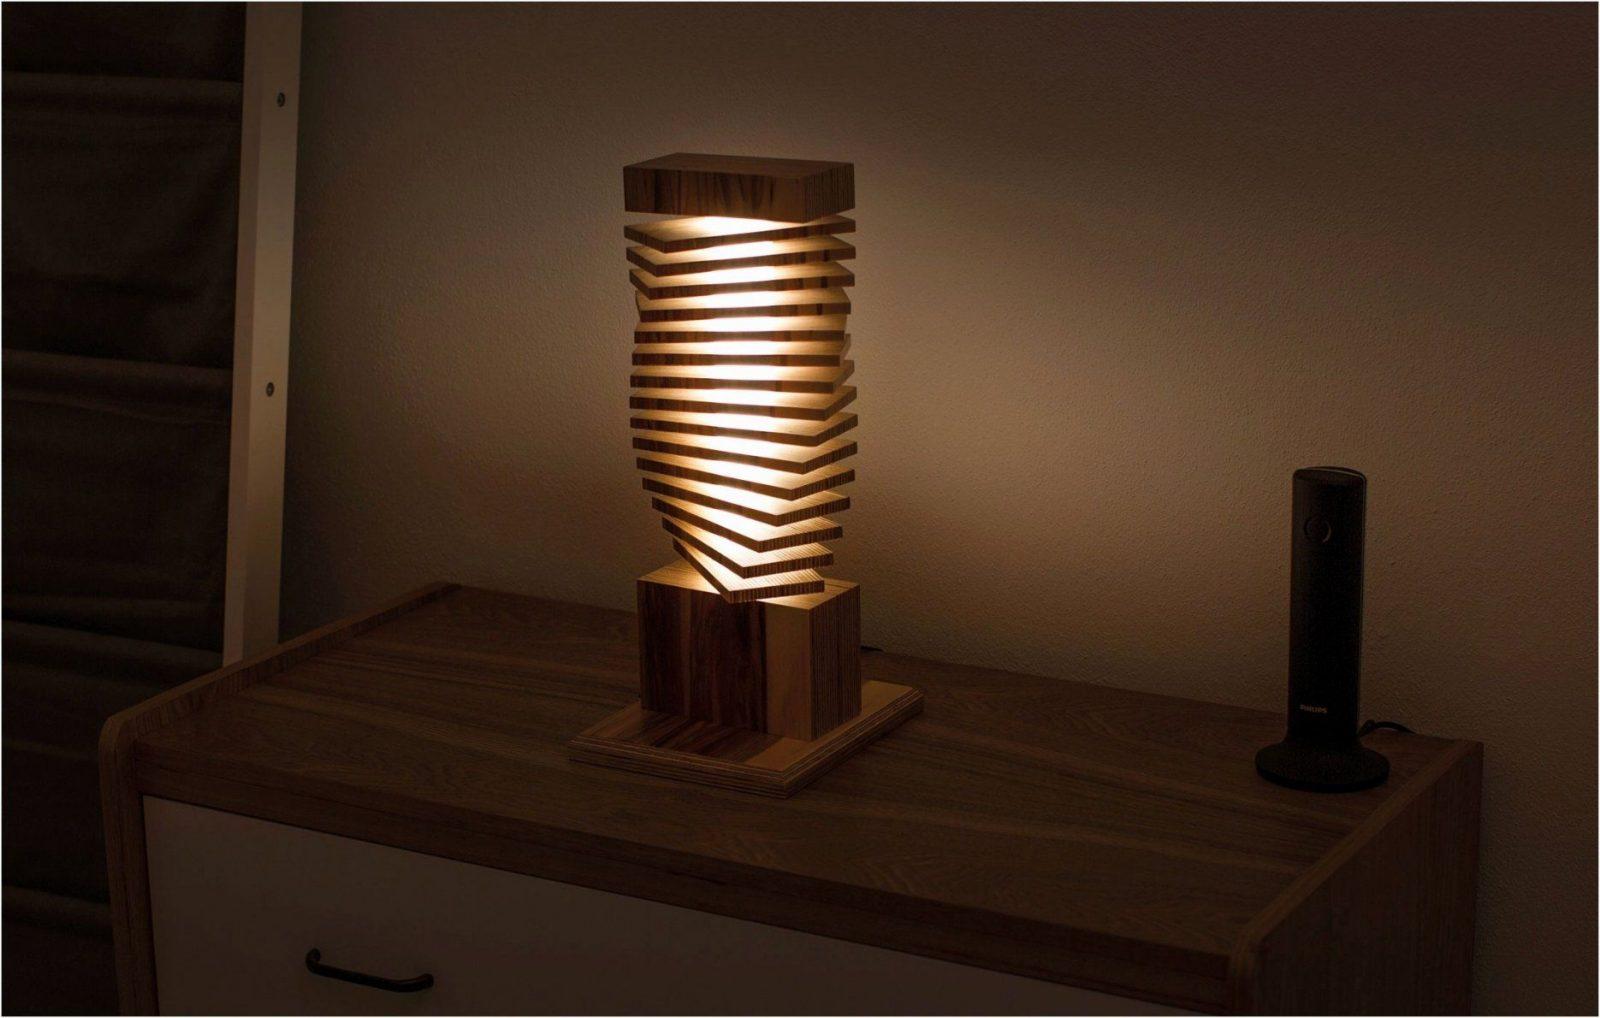 Lampe Basteln Beautiful Architektur Oben Lampe Basteln Wandlampe von Wandleuchte Holz Selber Bauen Photo